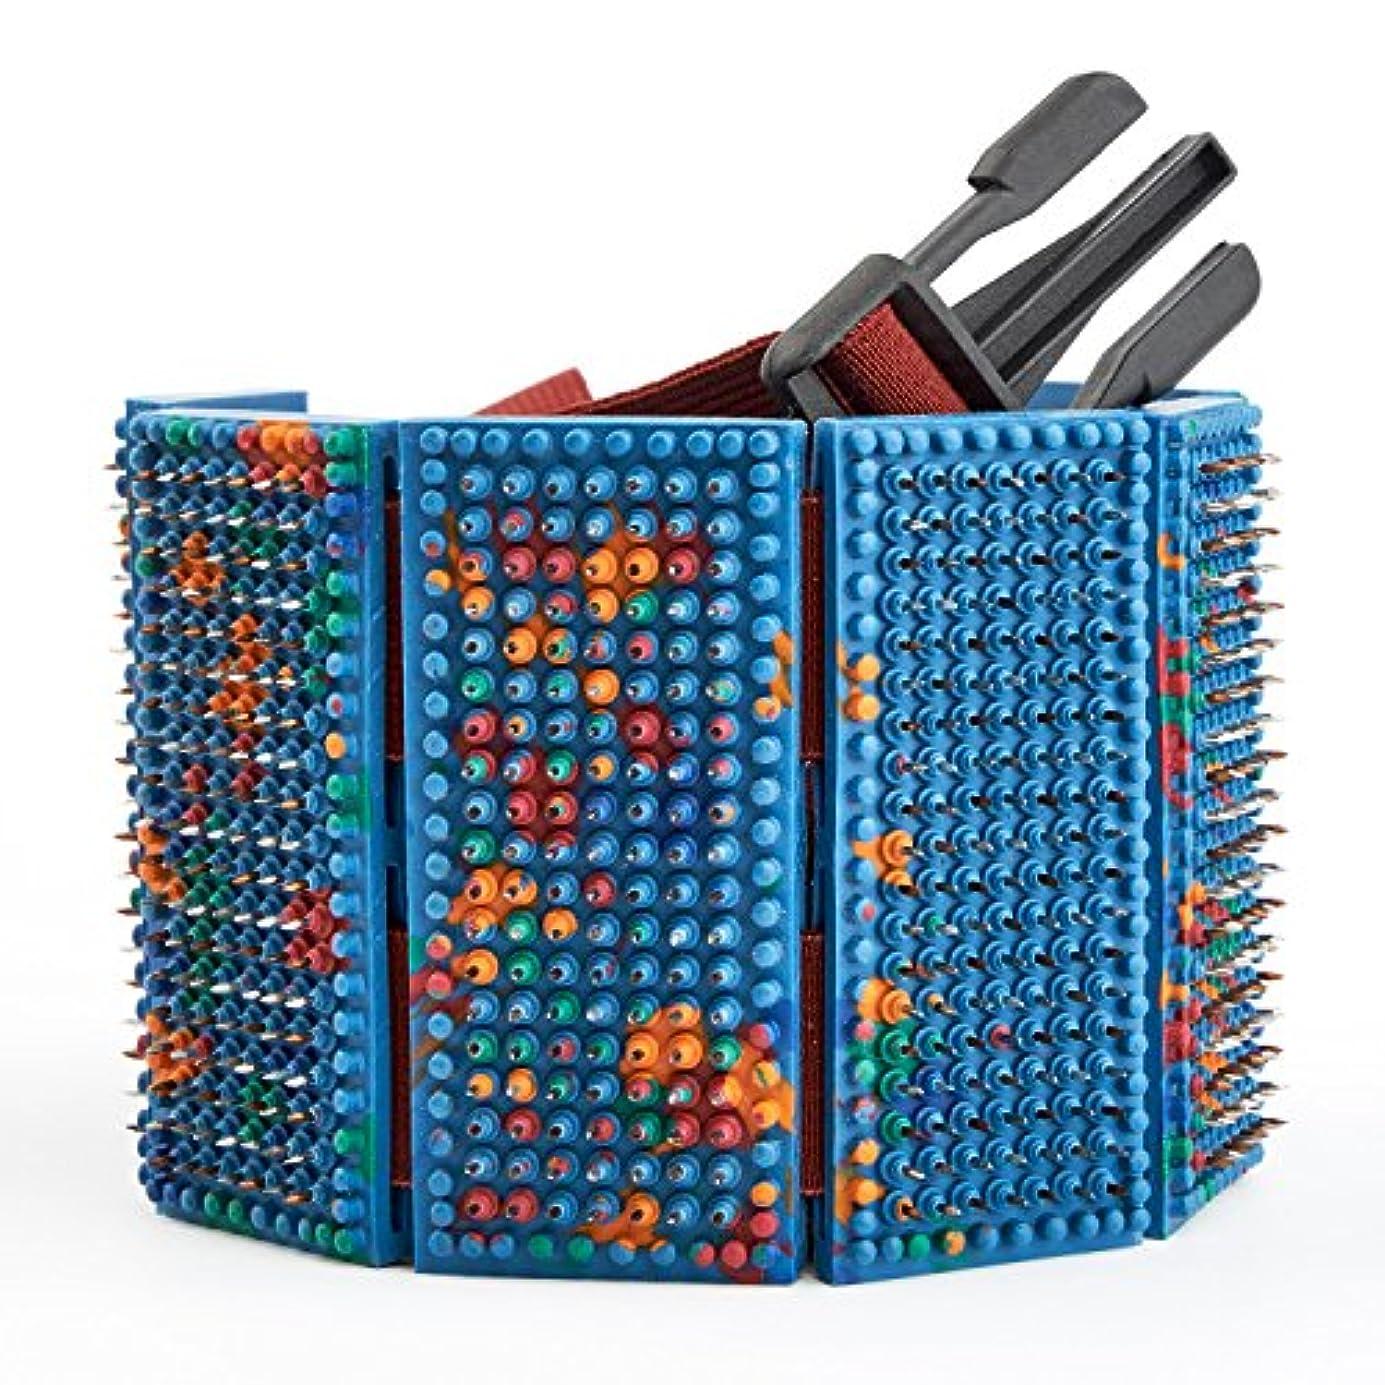 時々時々変換するスタジオLYAPKO Acupuncture Belt KID 3.5 Ag 960 Needles 6 Plates with 2 Adjustable Belts. Premium Acupressure Massager...